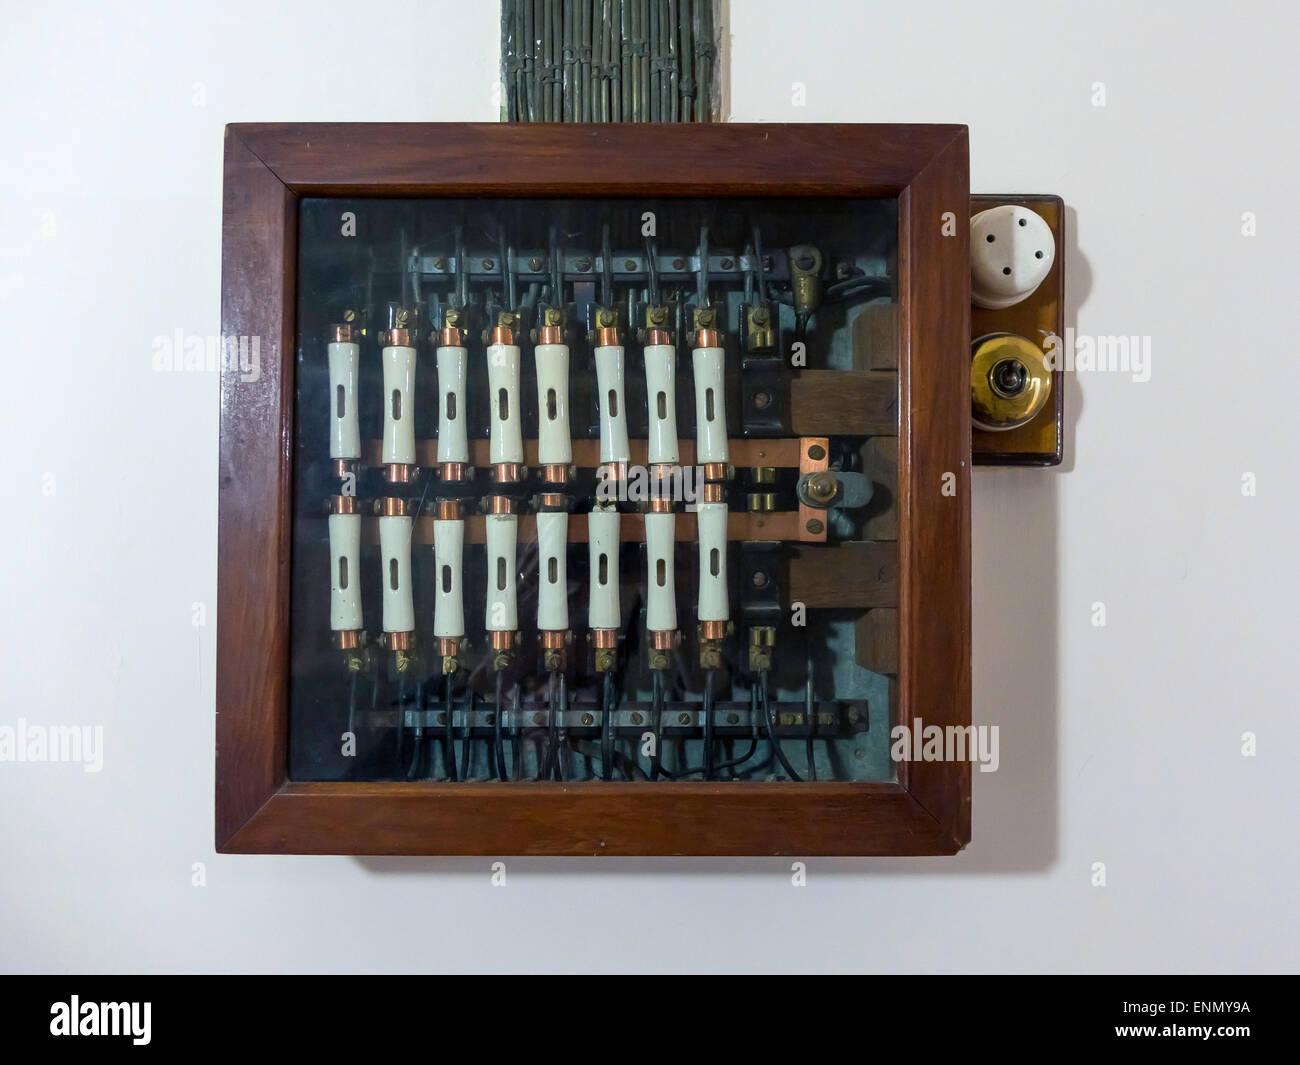 Wunderbar Elektrische Verdrahtungszeichnung Für Haus Galerie - Der ...